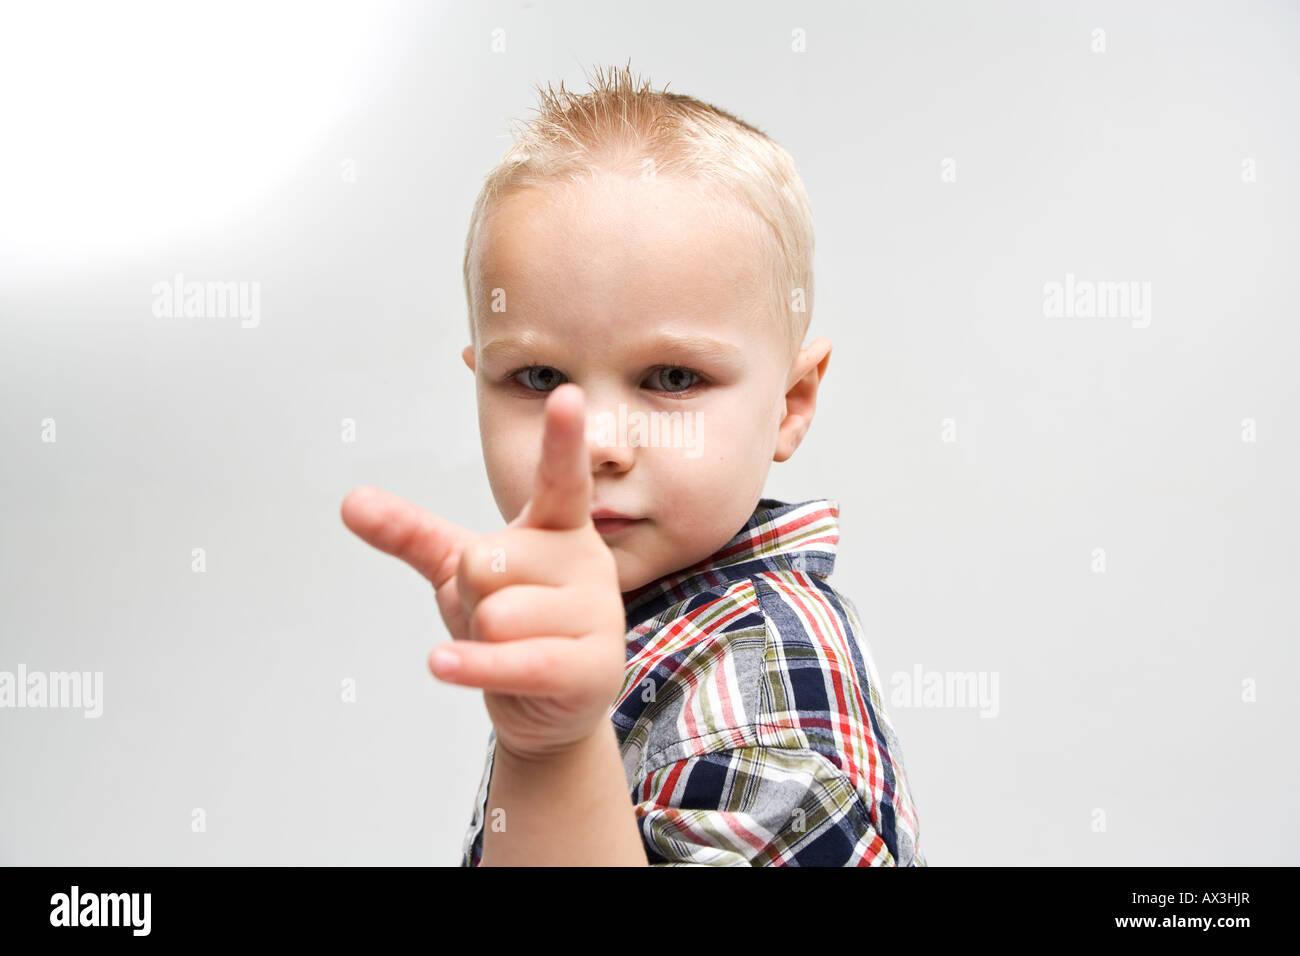 Luka Zeigefinger auf Betrachter Stockbild